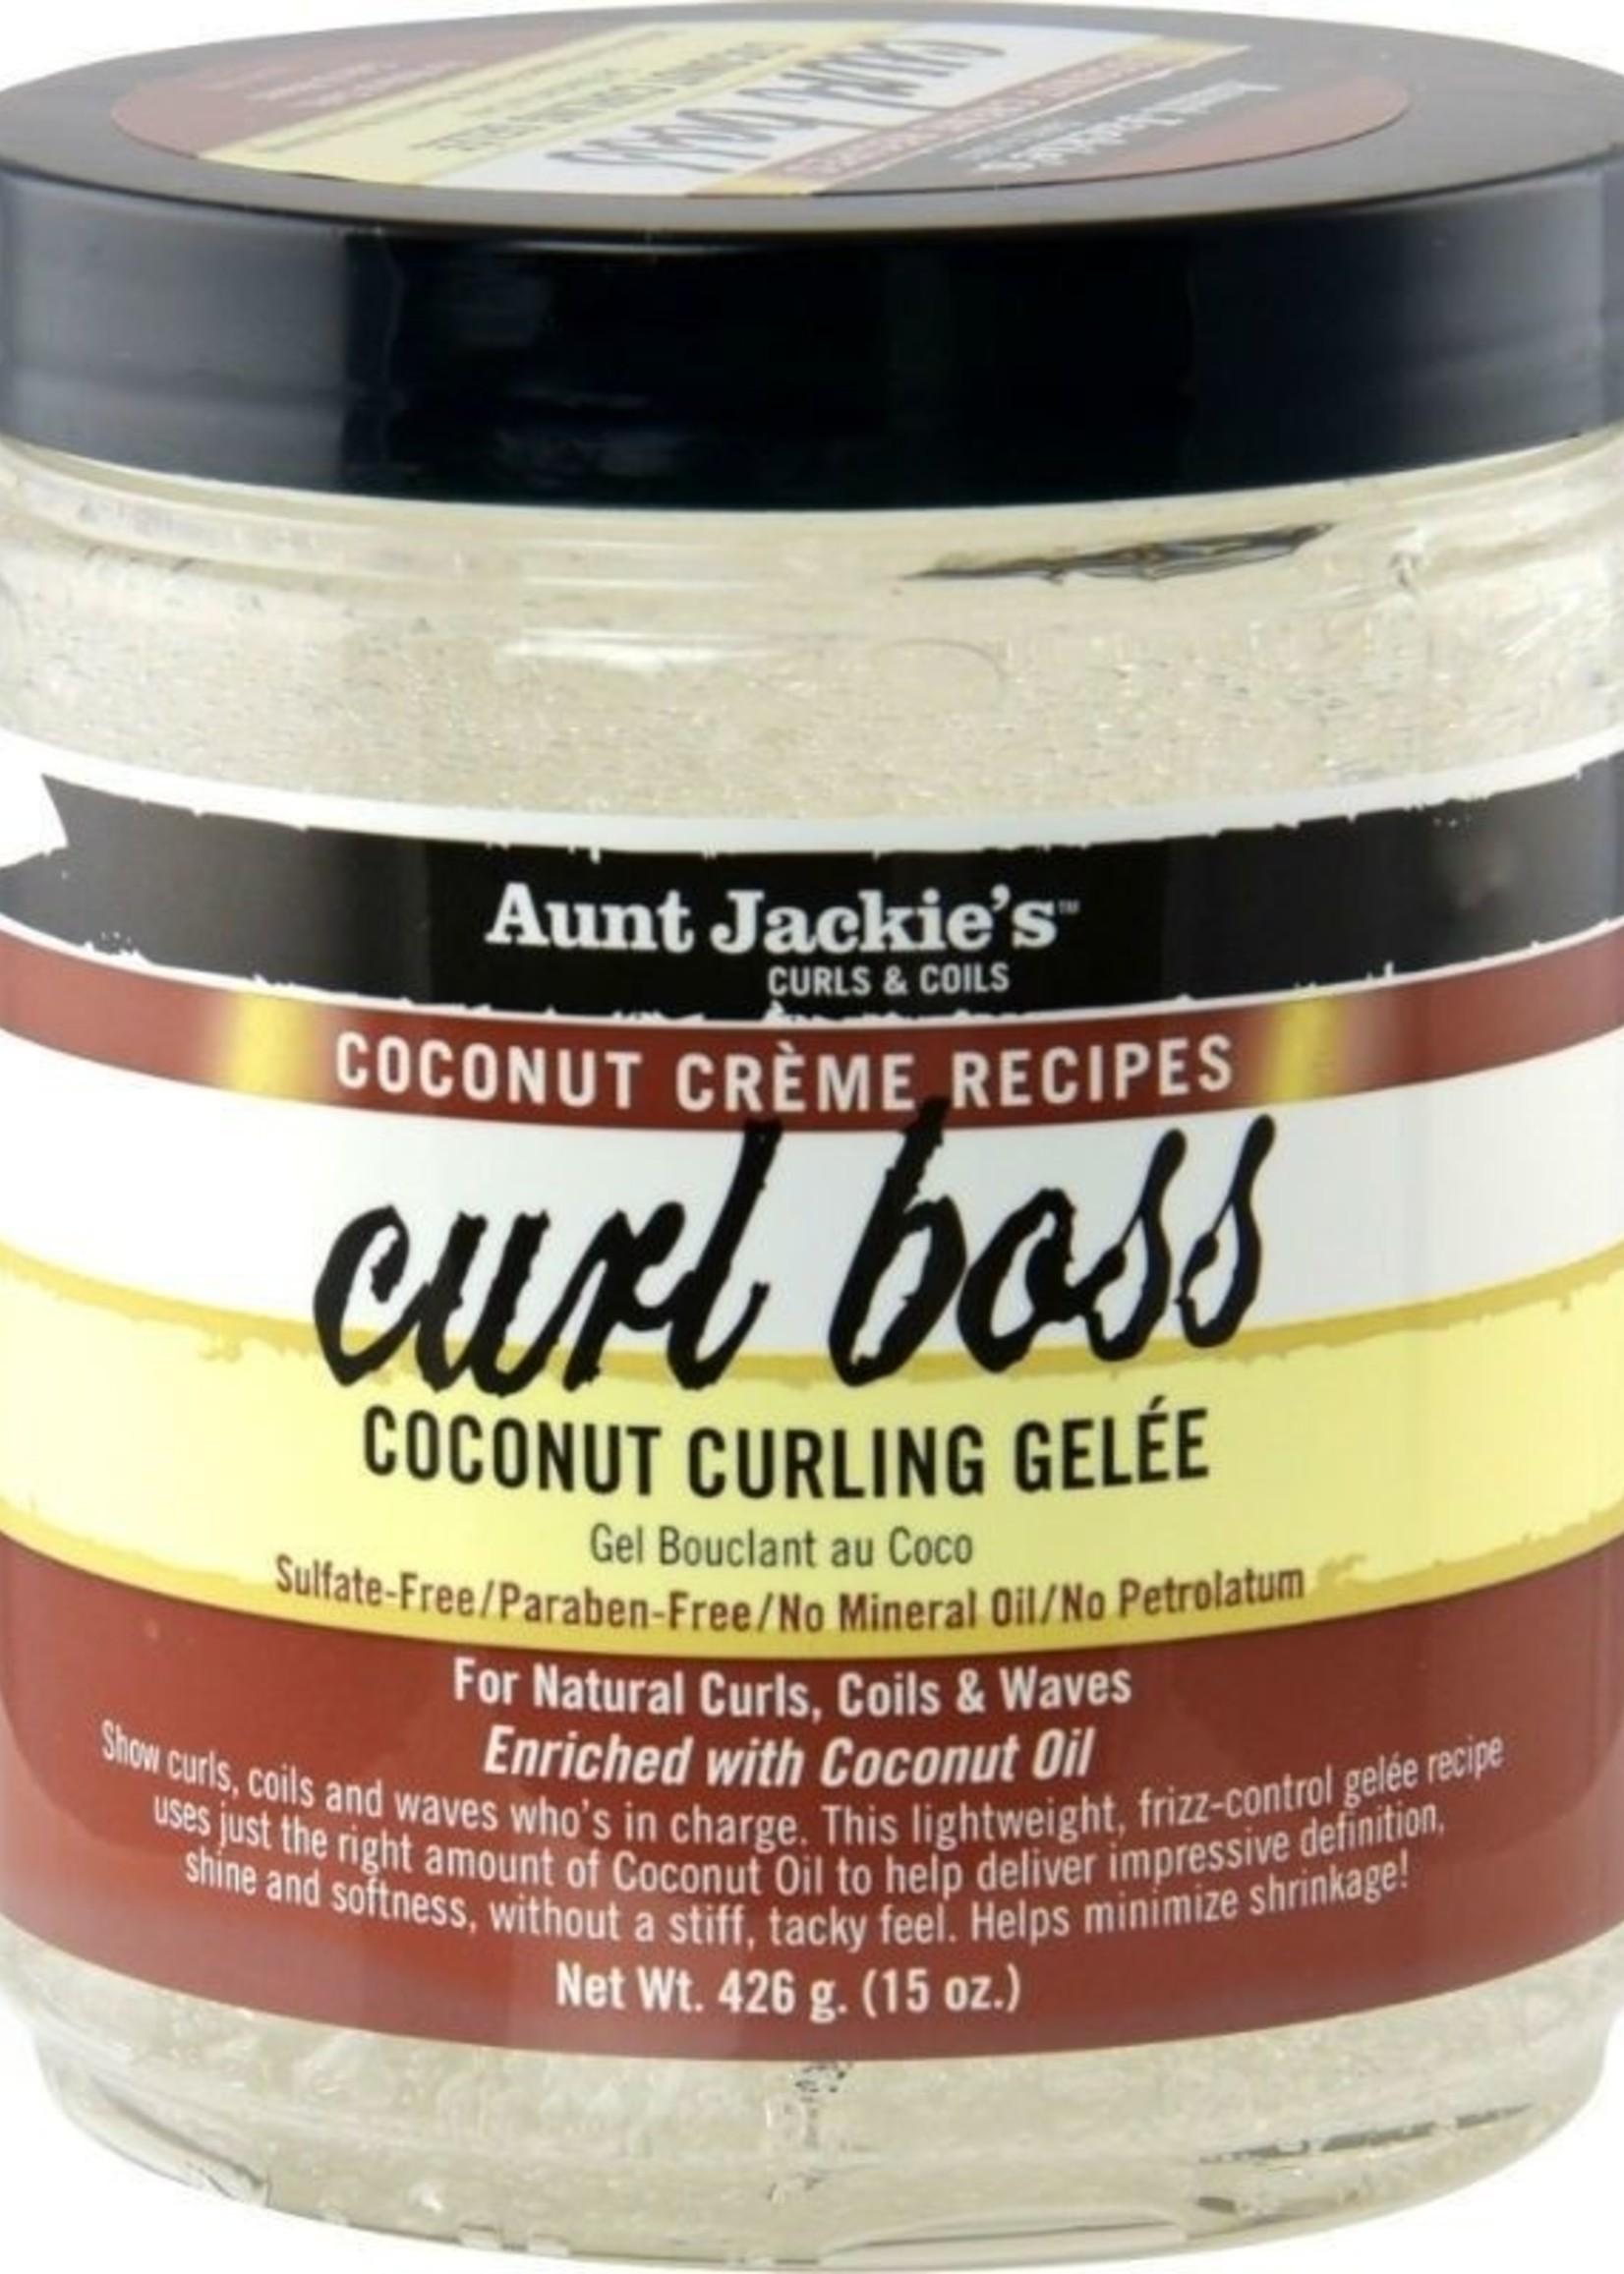 Aunt Jackie's Curls & Coils AUNT JACKIE'S - COCONUT CREME RECIPES CURL BOSS COCONUT CURLING GÉLEE 443ML